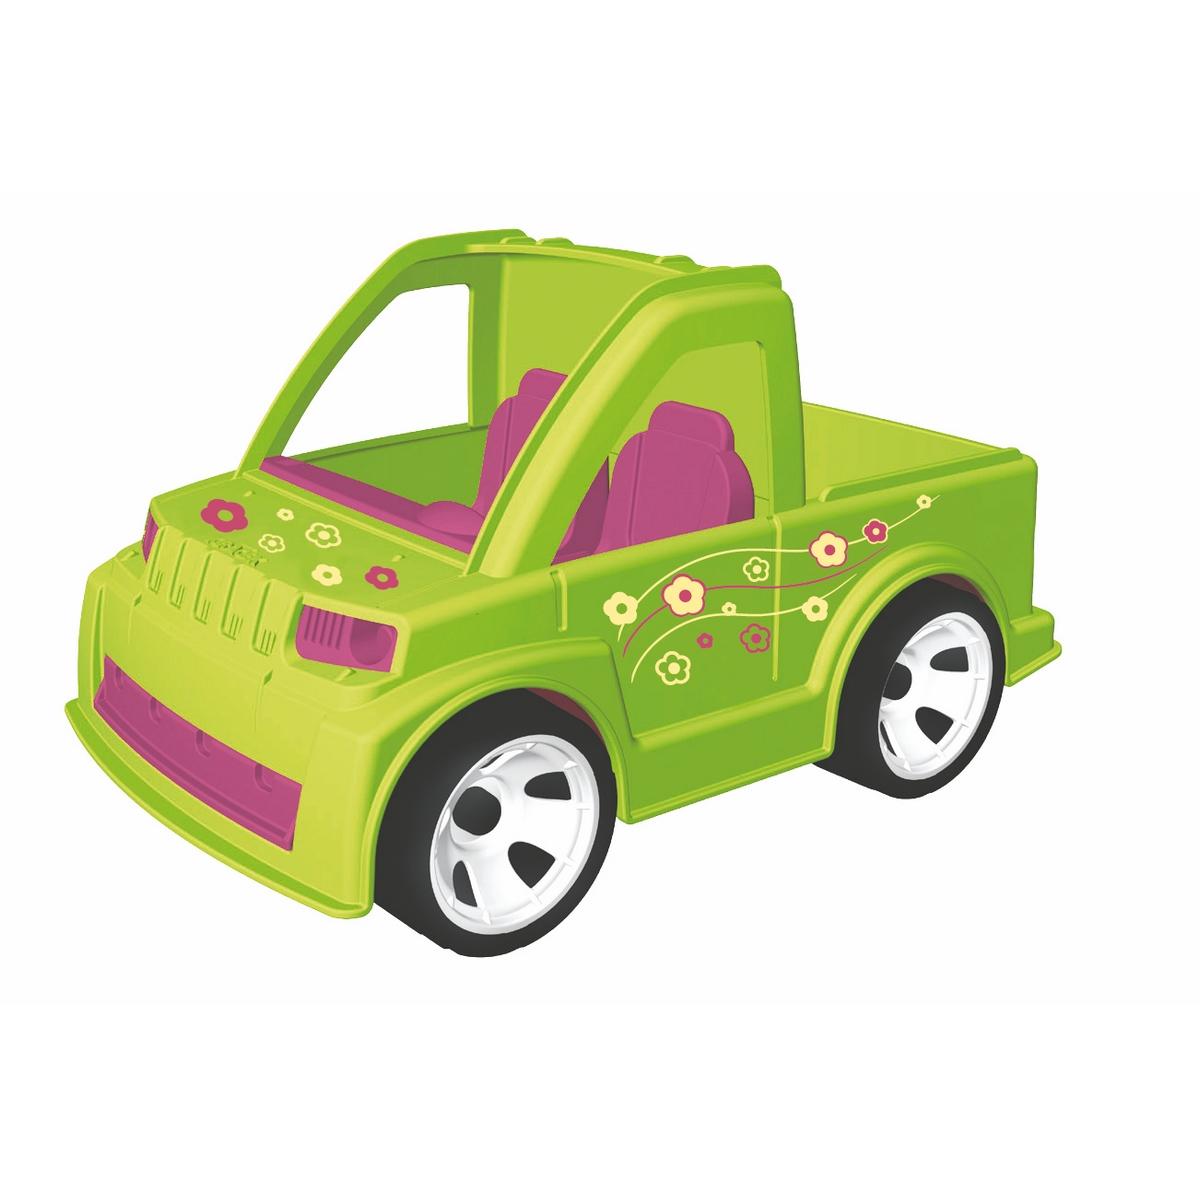 MultiGo Автомобиль с ландшафтным дизайнером23216Автомобиль MultiGo внесет разнообразие в игры с машинками, позволяя придумывать новые сюжеты. Розы, тюльпаны, нарциссы… Какой запах!!! Идеальная машина! Багажник открывается и в нем достаточно места для перевозки цветов, растений и инструментов! Колеса машинки свободно вращаются. Кабина имеет два посадочных места для двух фигурок. Фигурка может наклоняться, руки фигурки поднимаются и опускаются, голова поворачивается. Волосы и головной убор съемные, их можно менять с другими фигурками. Специальная система MultiGo позволяет детям легко менять и добавлять различные игровые аксессуары. Одна игрушка легко преобразуется в другую. Сделайте вашему ребенку такой замечательный подарок!